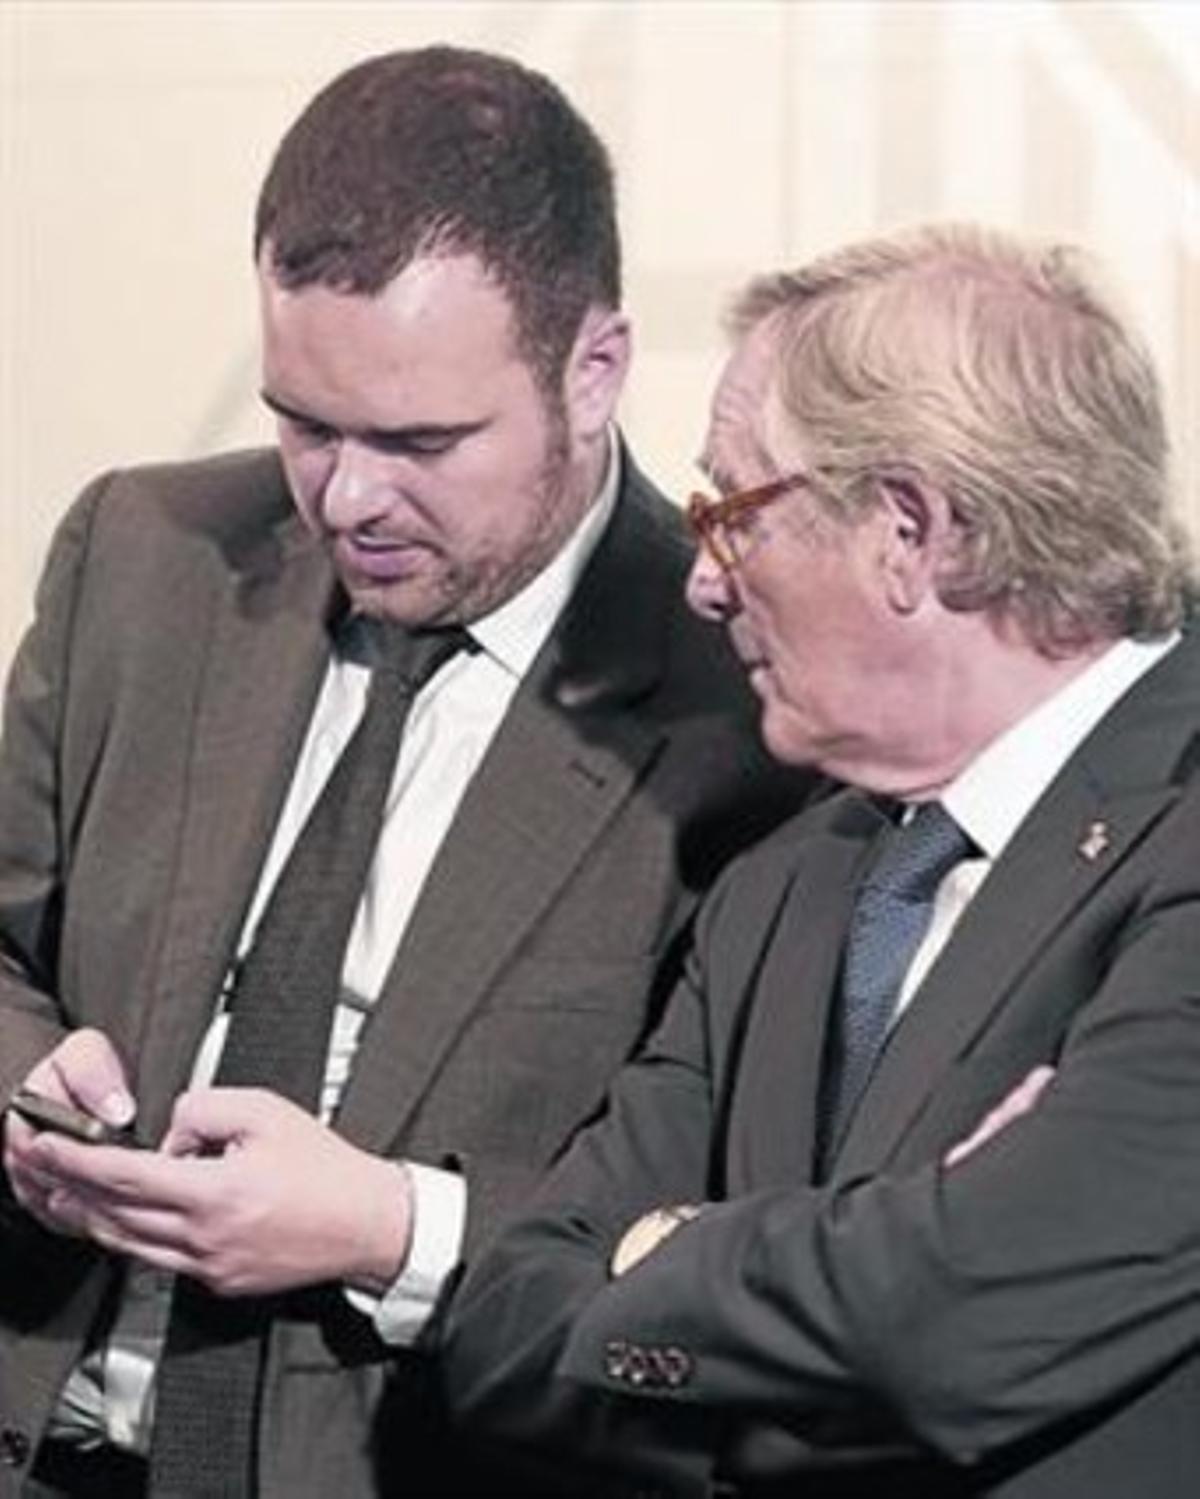 'Community manager'. El alcalde de Barcelona, Xavier Trias, junto a su director de comunicación digital, Xavier Tomàs, en el ayuntamiento.